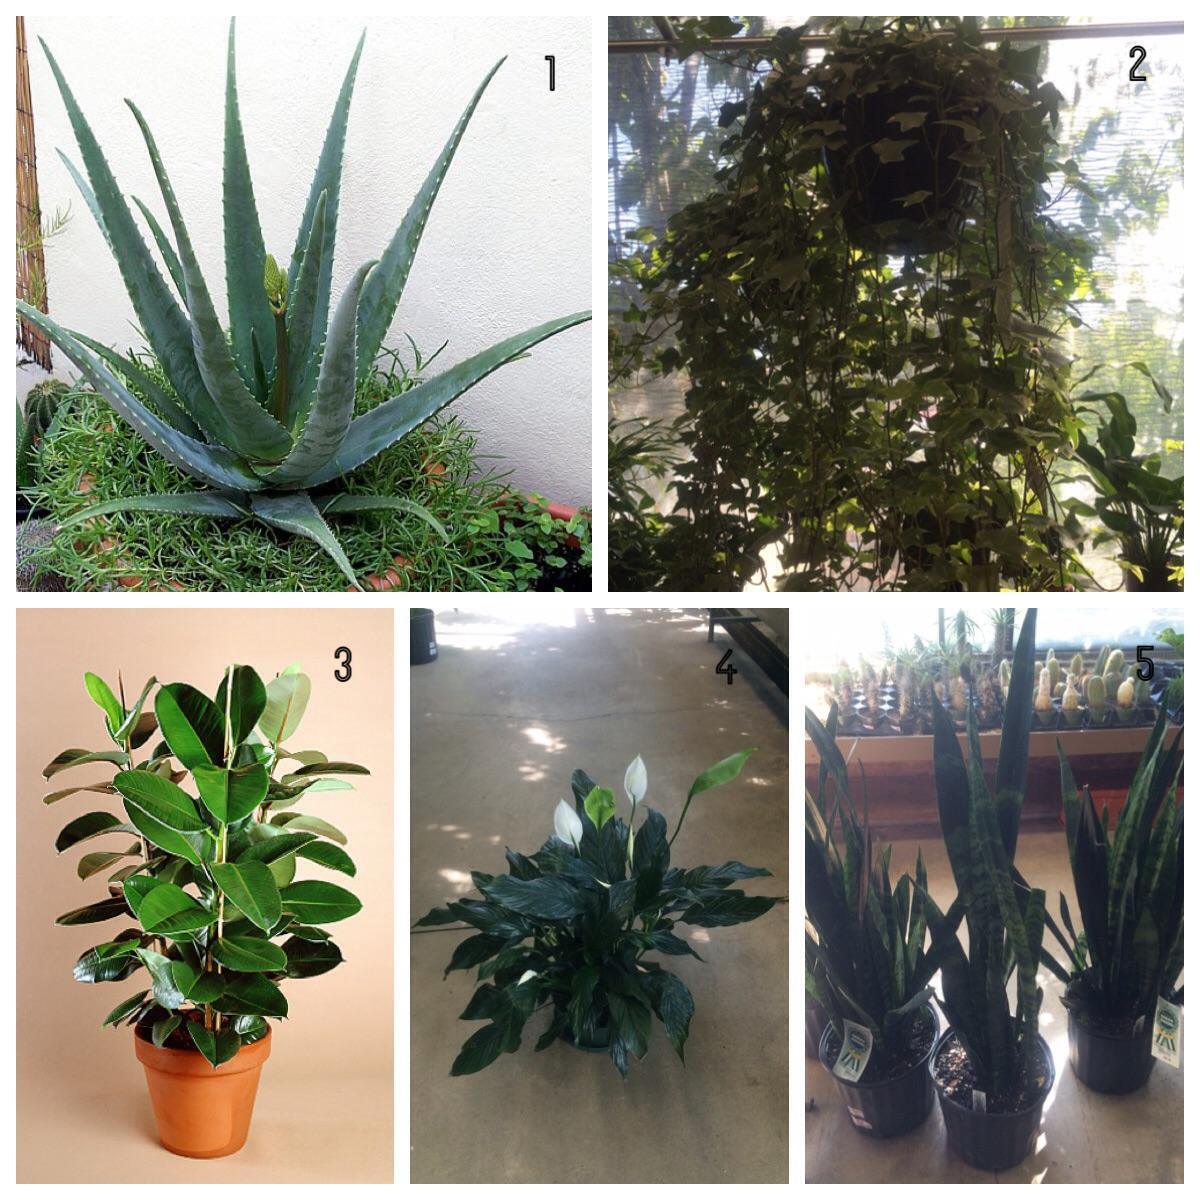 Las mejores plantas para el interior del hogar - Mejores plantas para interior ...